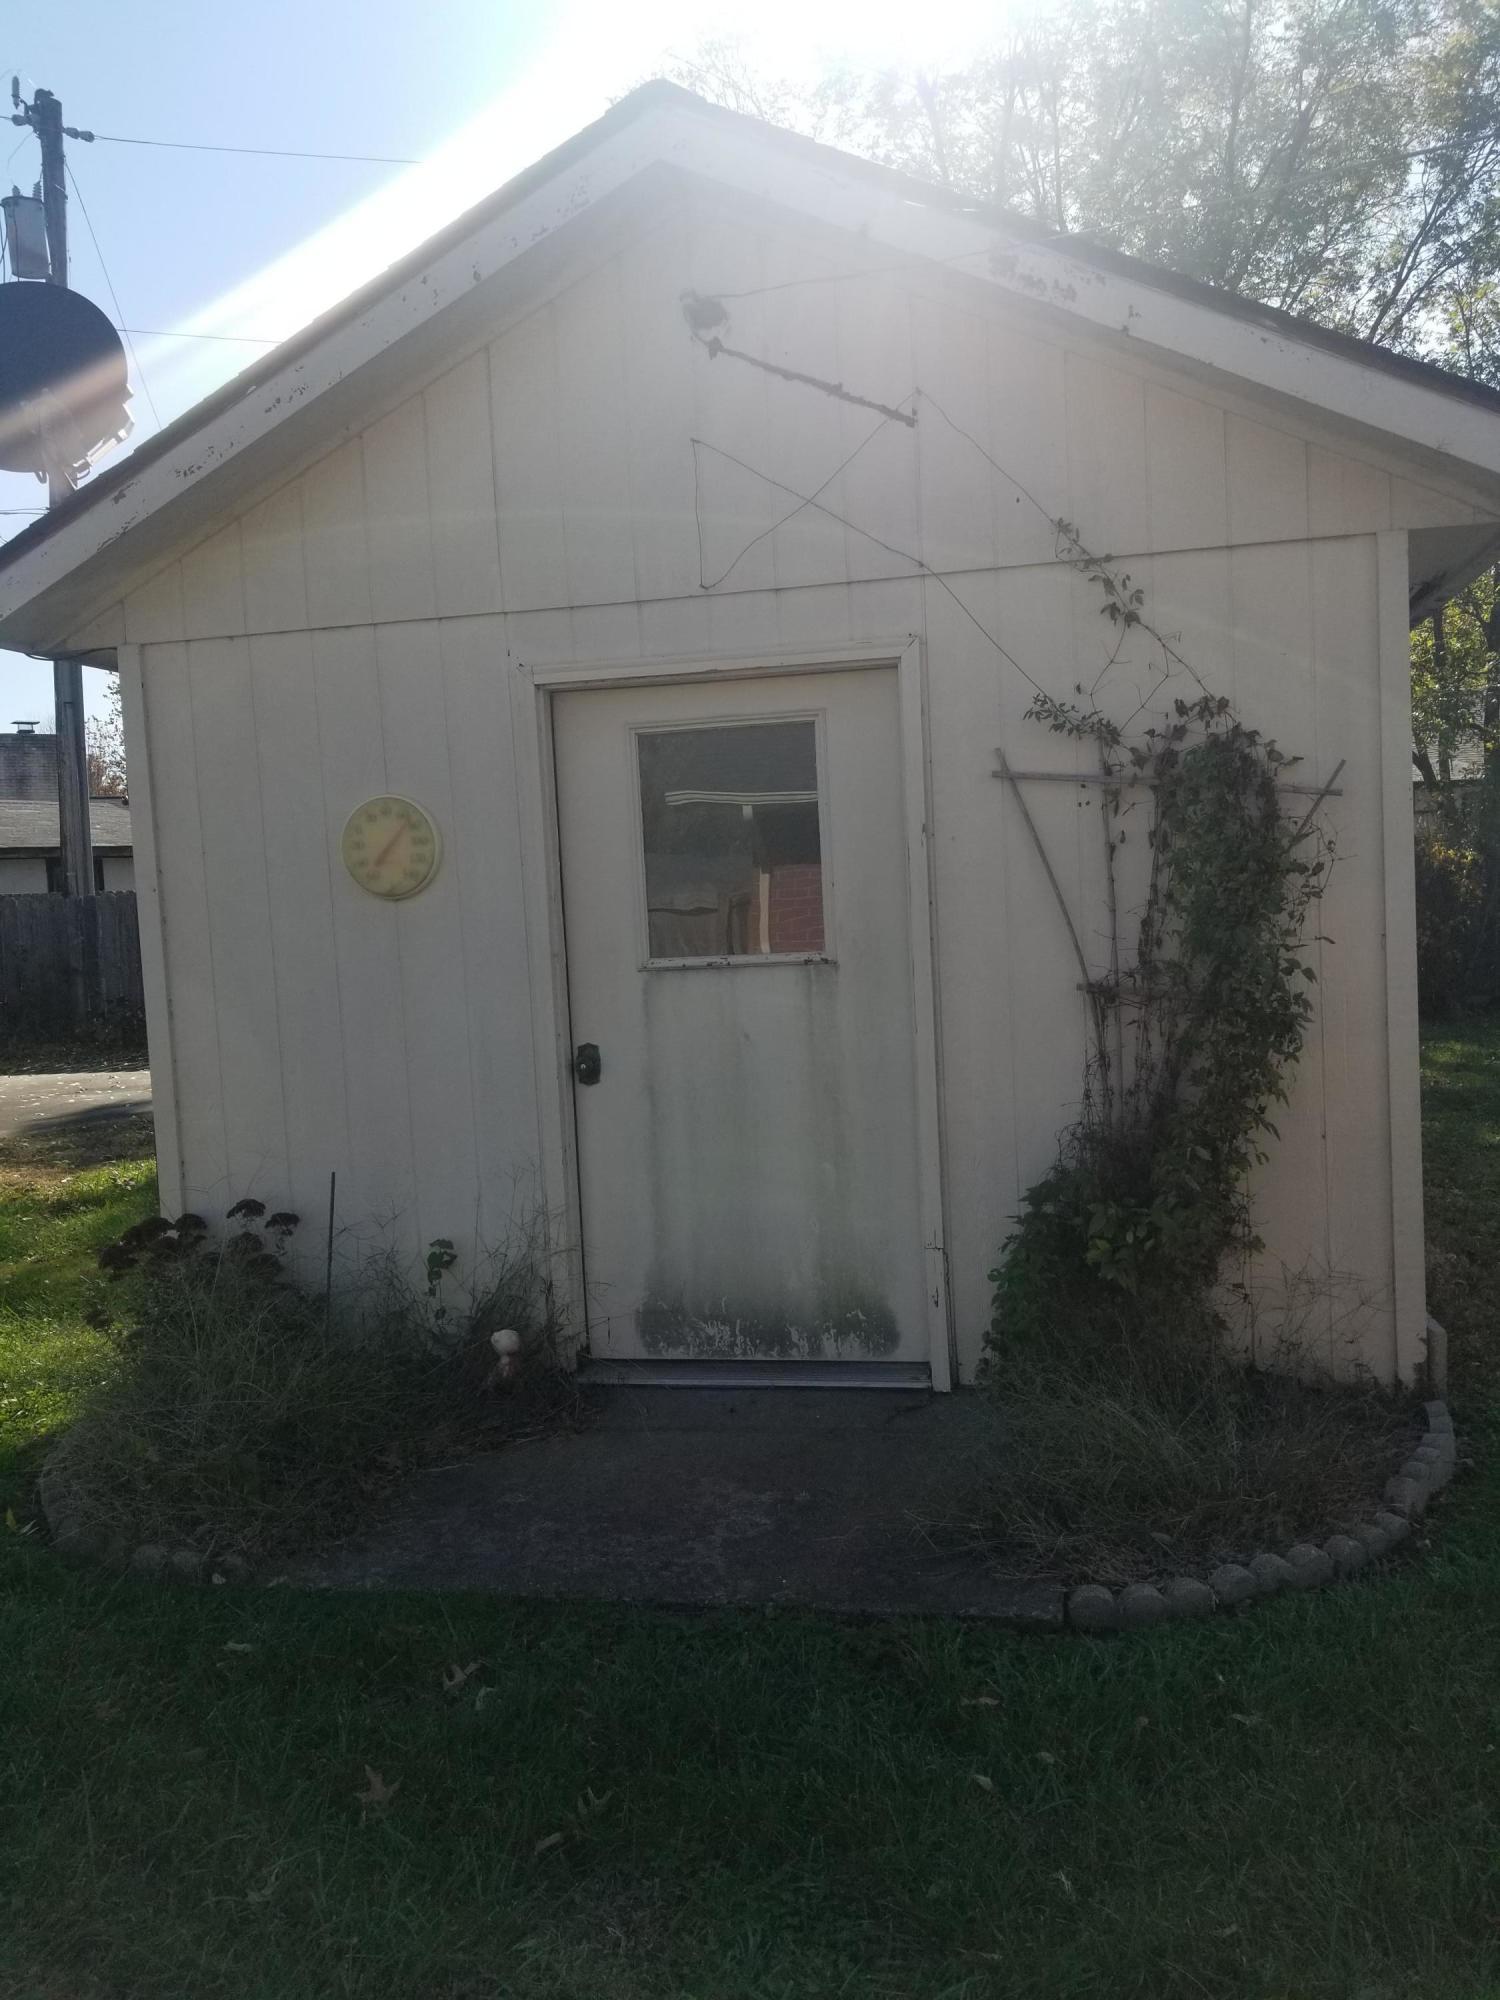 Closed   1314 Linden Ln Miami, OK 74354 36